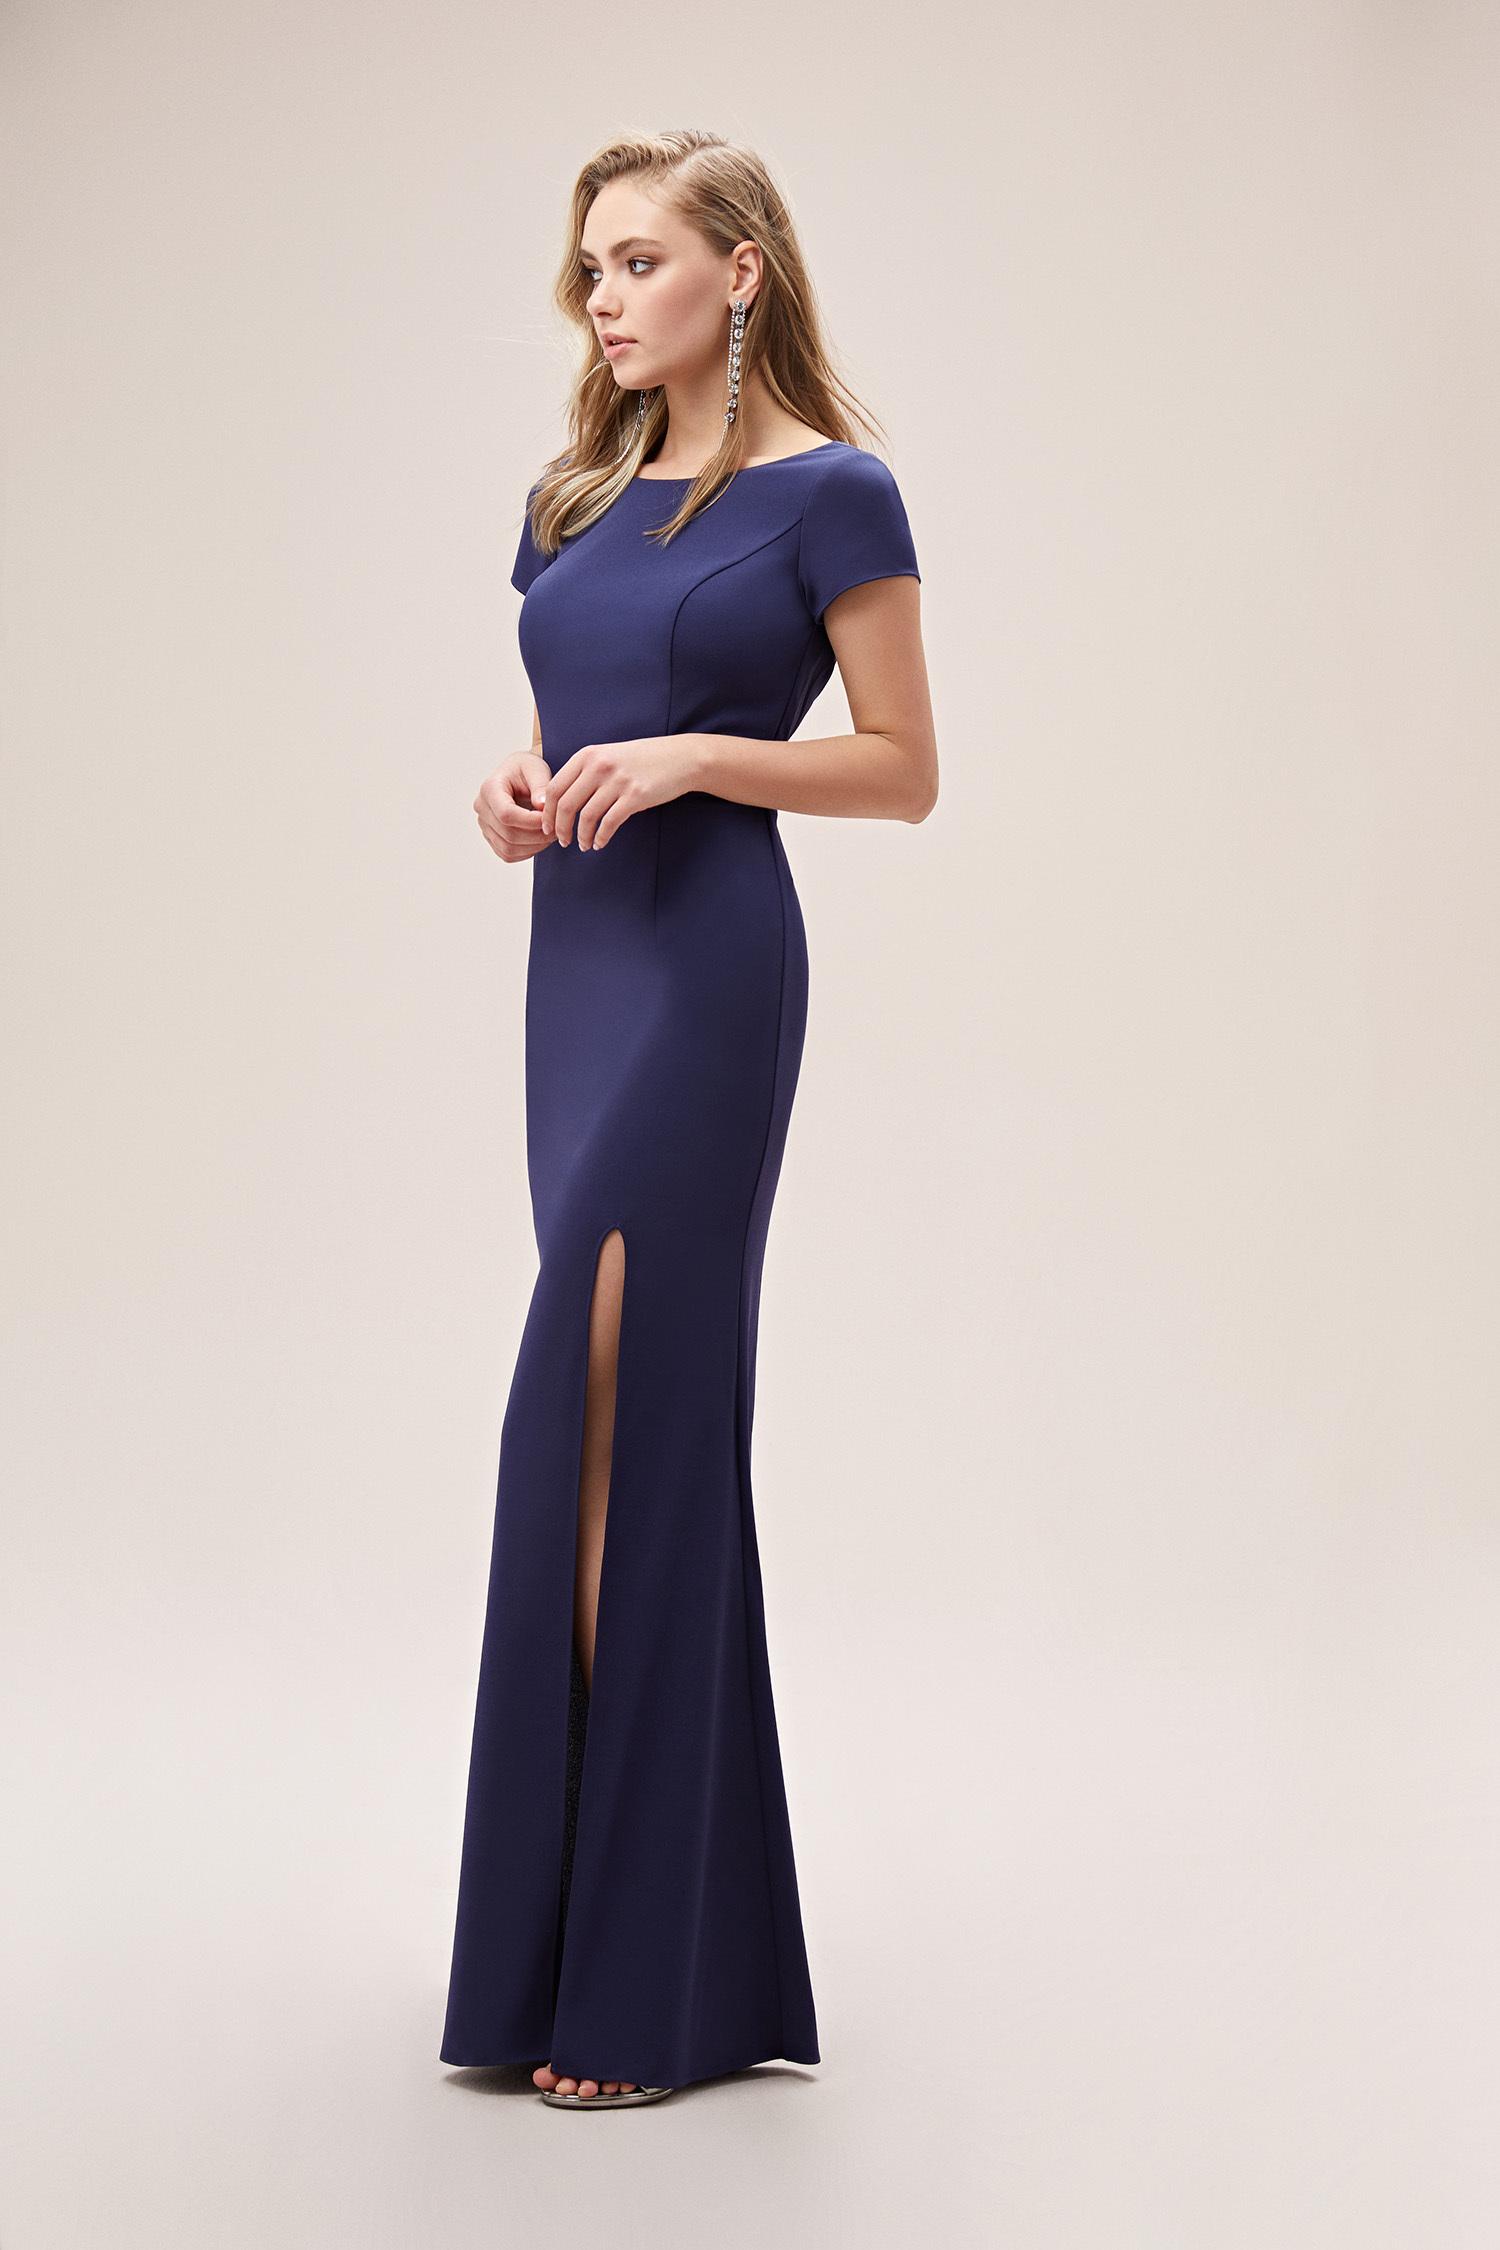 Lacivert Kısa Kollu Yırtmaçlı Krep Uzun Elbise - Thumbnail